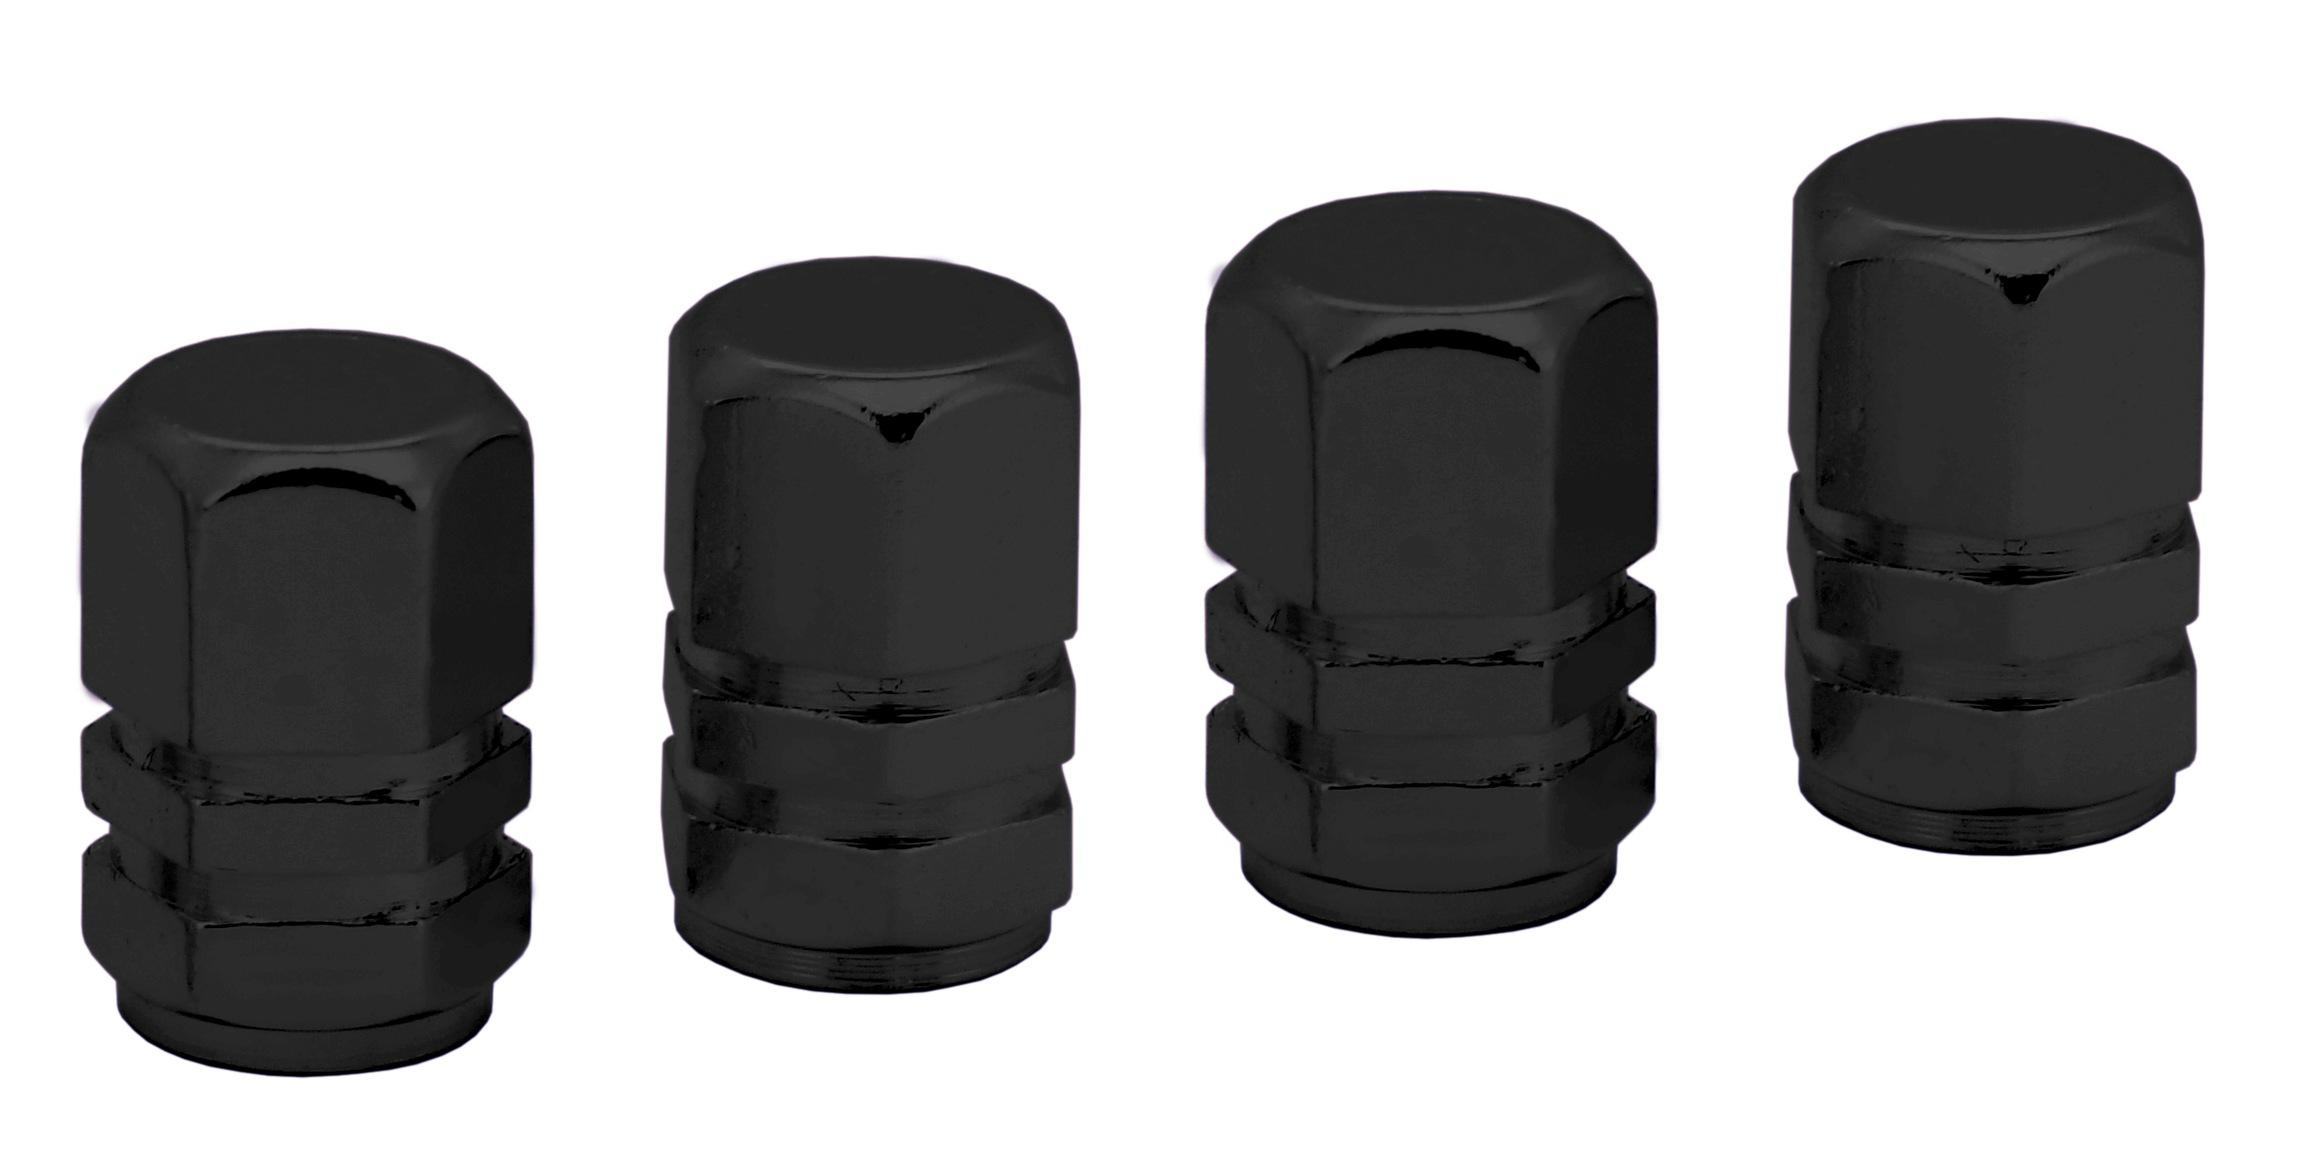 Ozdobné kryty ventilků černé 4ks, 32333